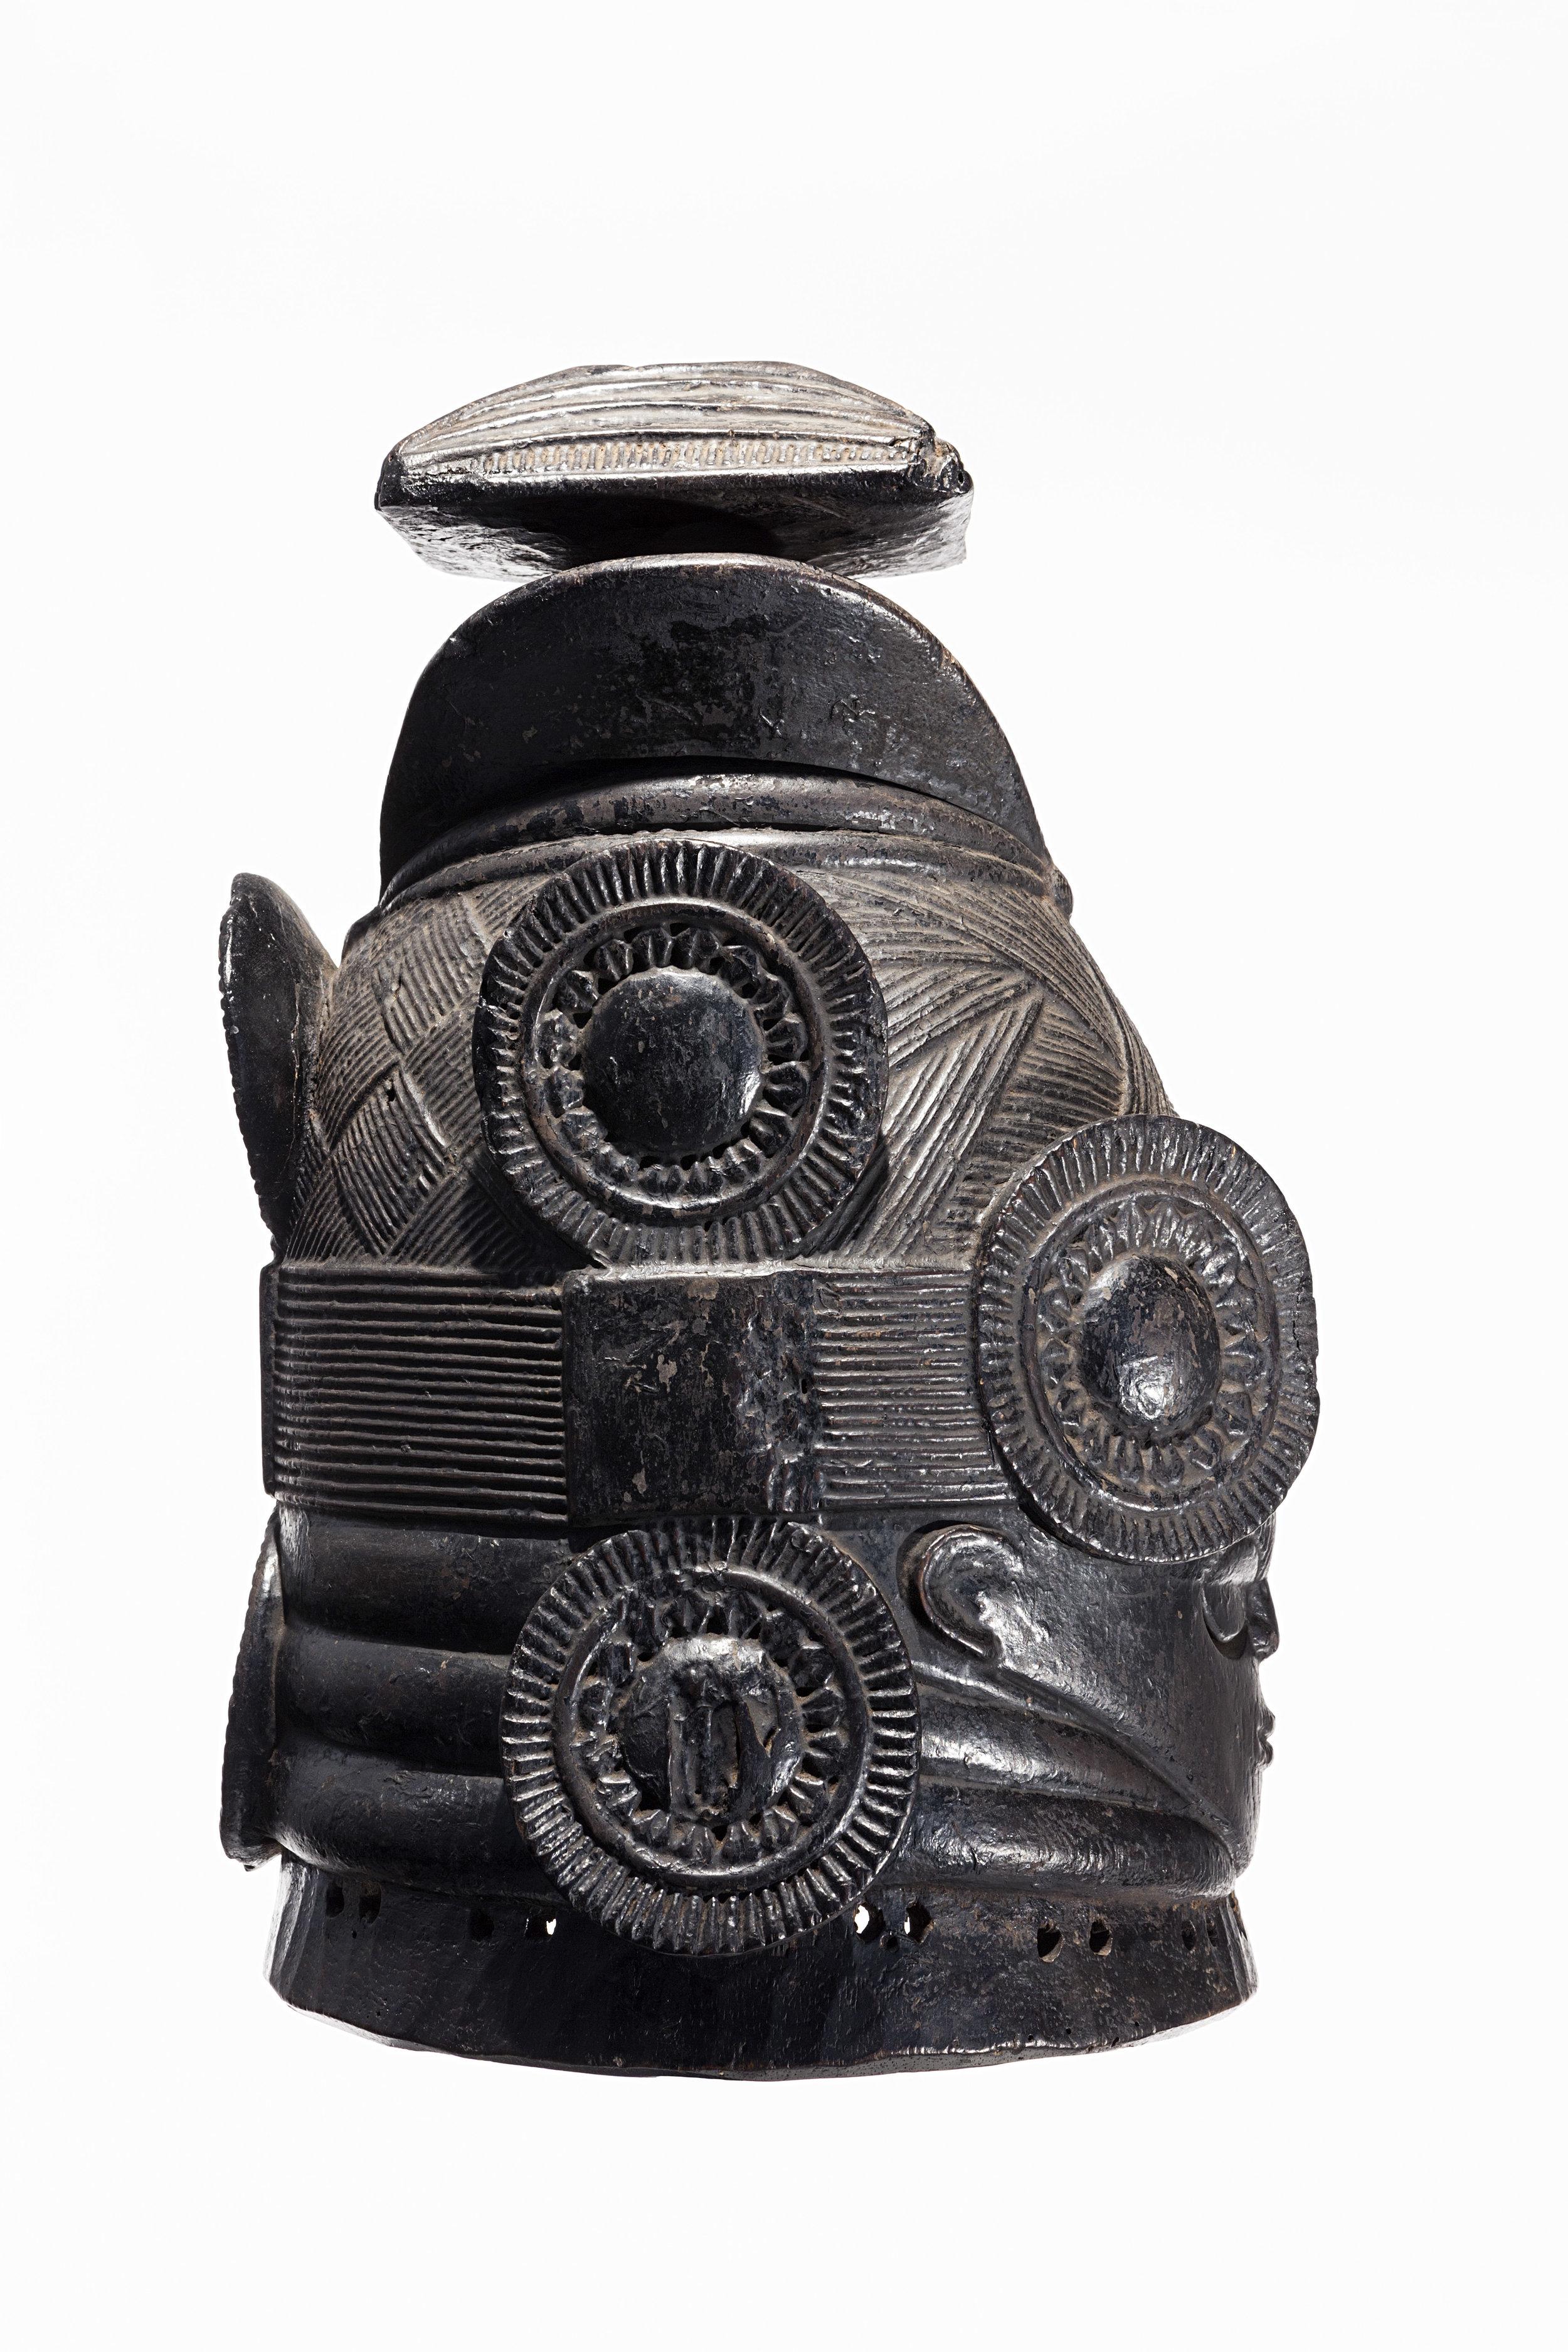 MENDE, SIERRA LEONE,  casco máscara de la sociedad femenina Sande, obra del Maestro de Nguabu. principios del siglo XX. Madera, pigmento, moneda de tres centavos  del África Occidental Británica de 1943, 39,4 x 24 x 26.